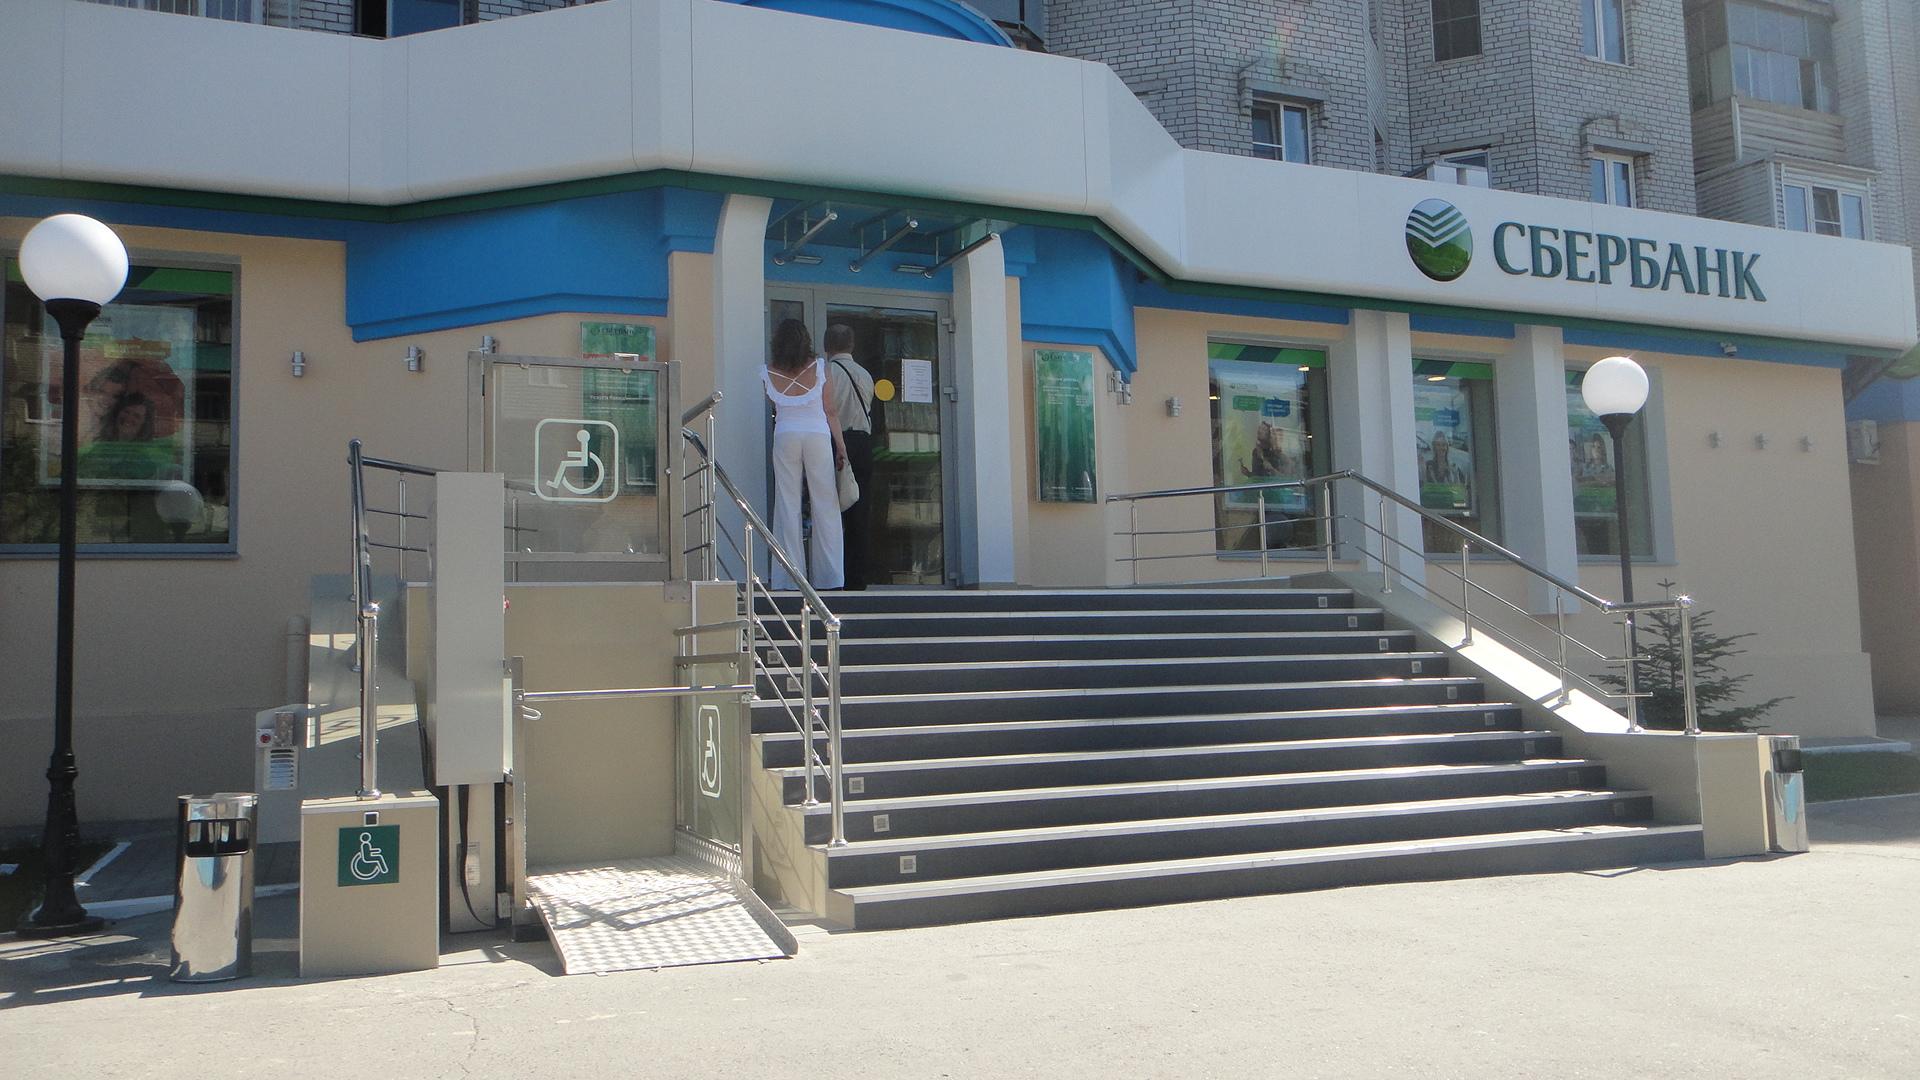 Подъемники для инвалидов, пандусы и трапы в Астрахани